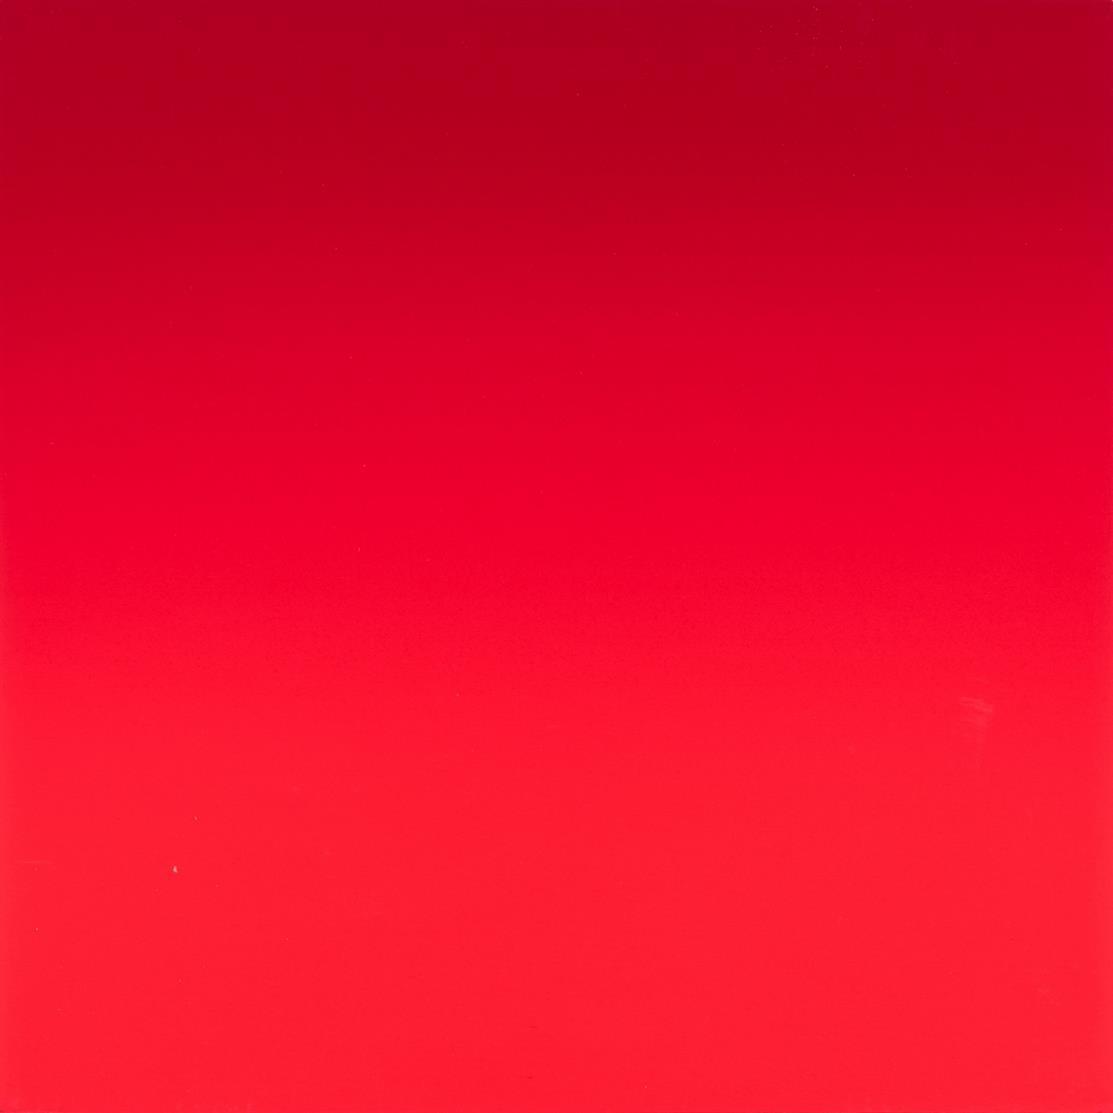 Rupprecht Geiger. Ohne Titel (Multiple Rot moduliert). 2008. Orginalpigmentdruck auf Karton, auf Holz. Signiert. Ex. 15/20.